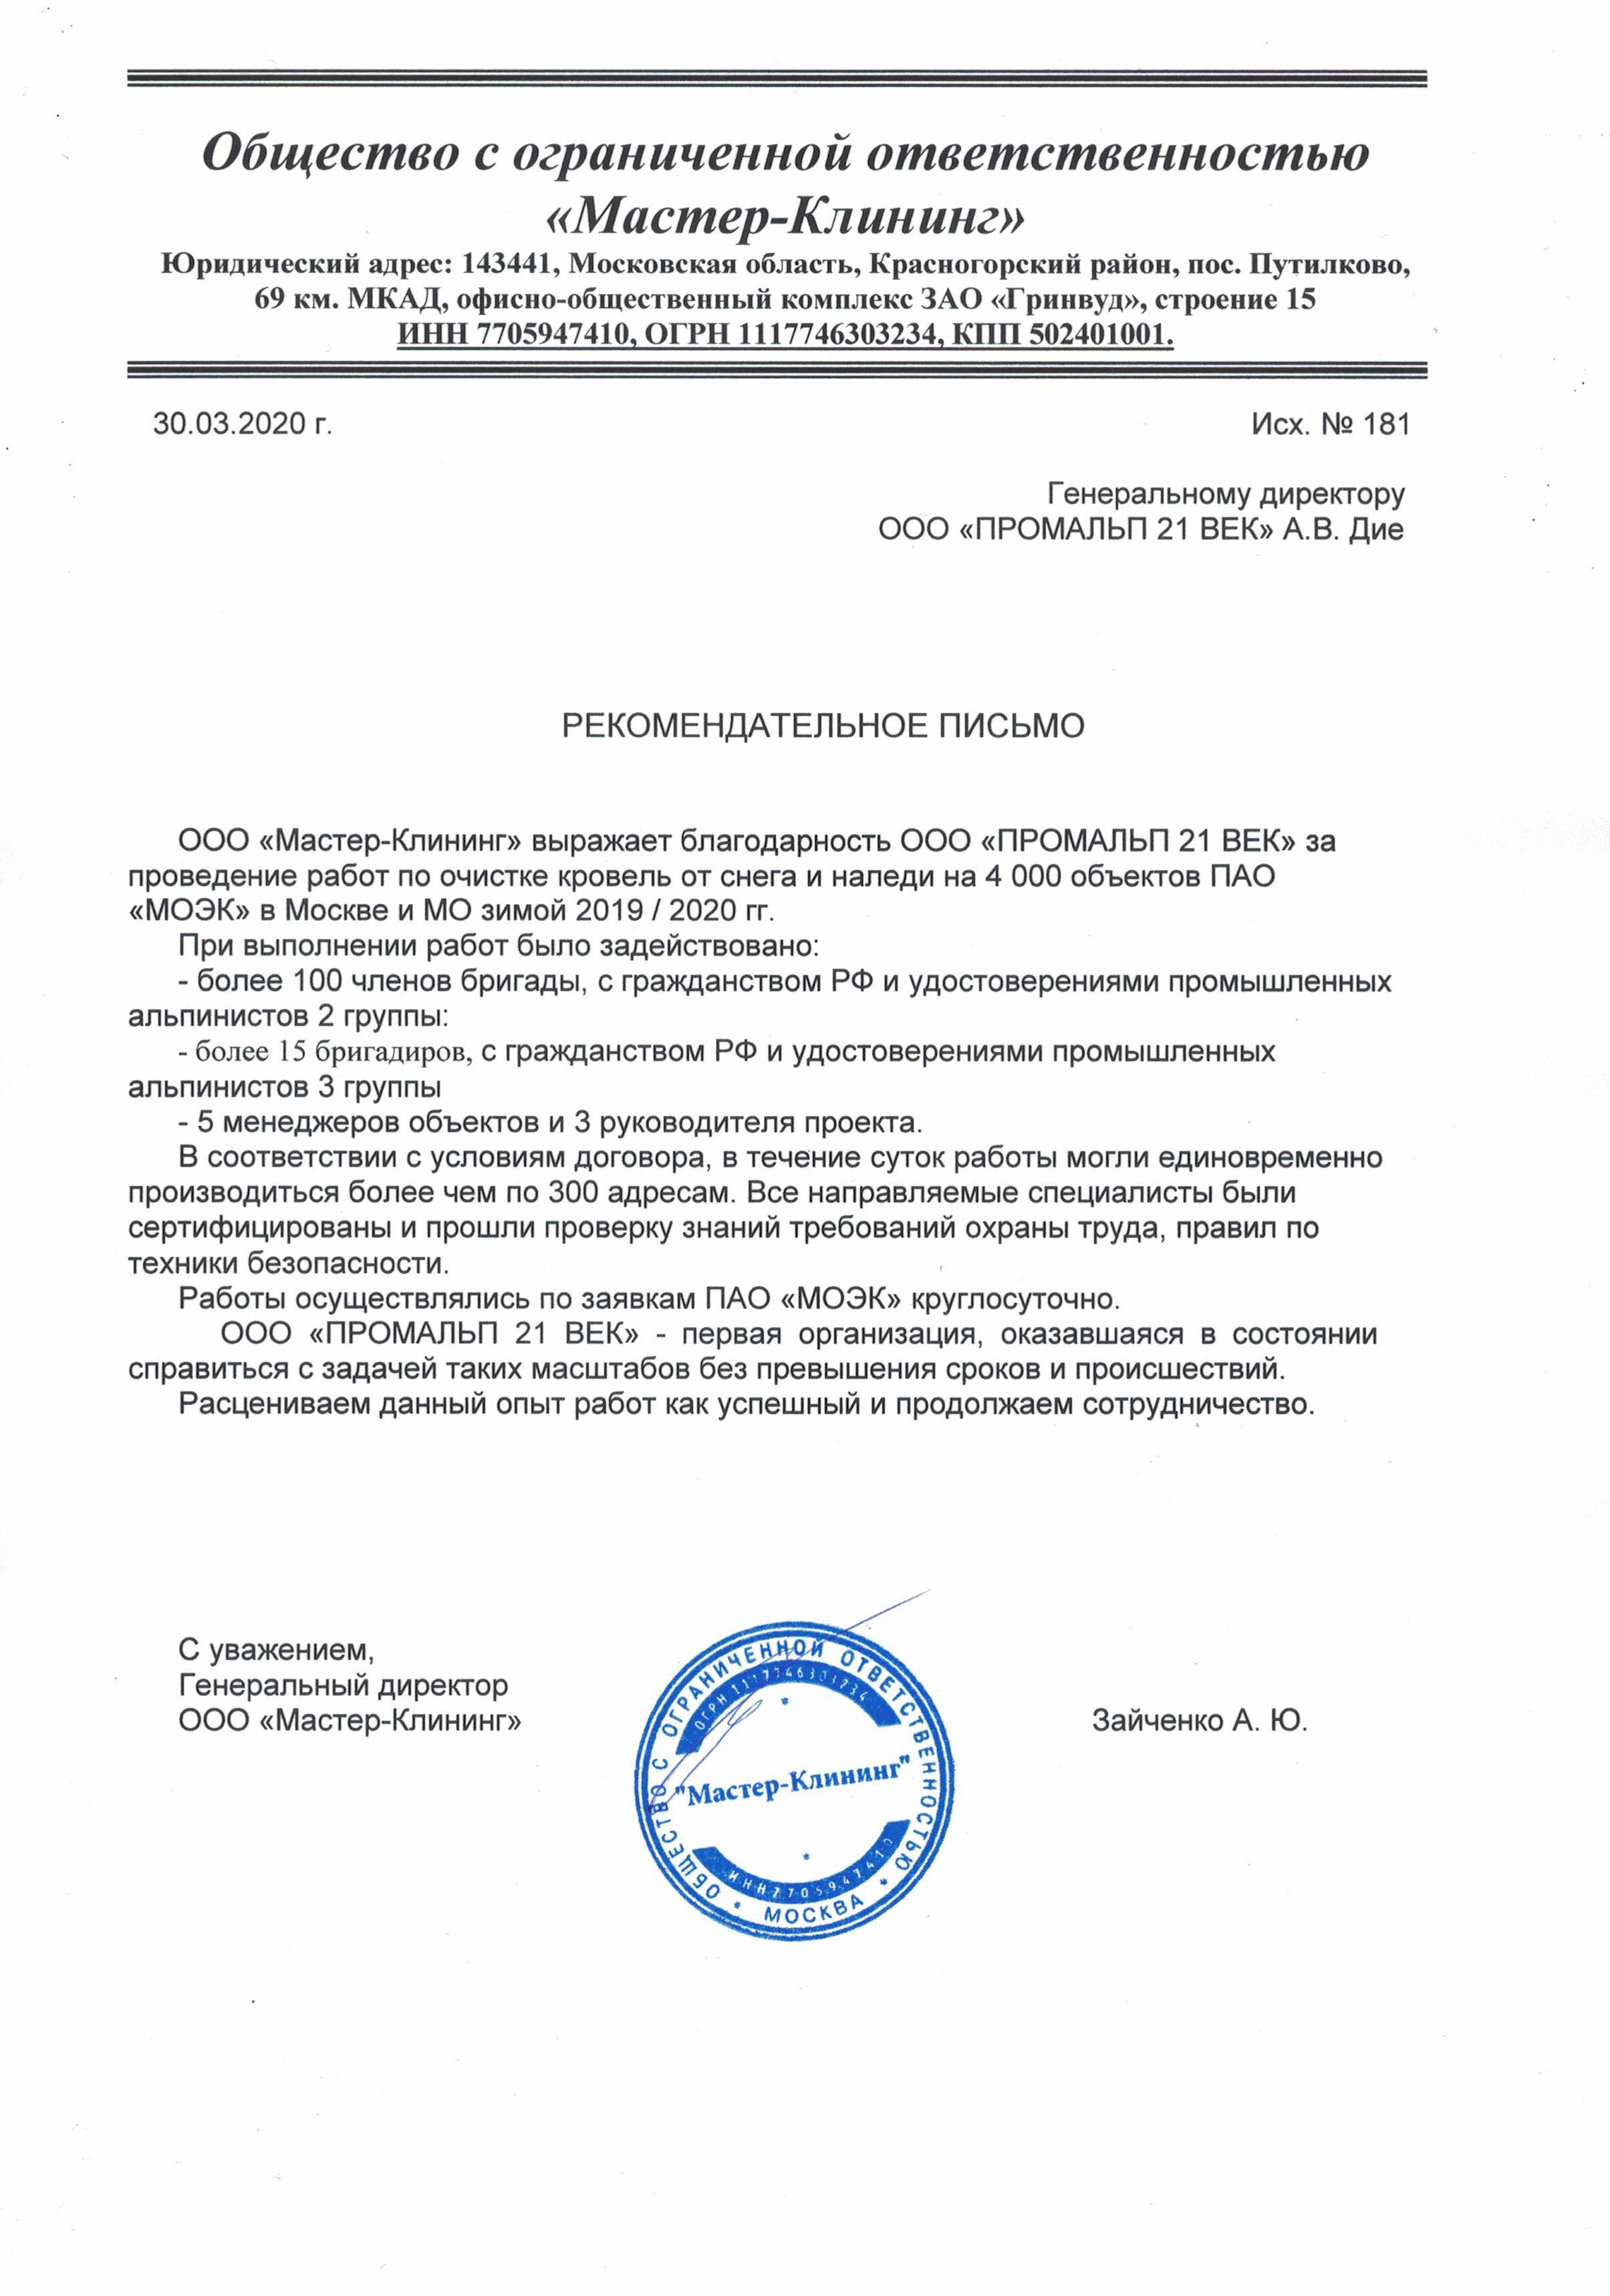 """ООО """"МАСТЕР-КЛИНИНГ"""" – Рекомендательное письмо"""